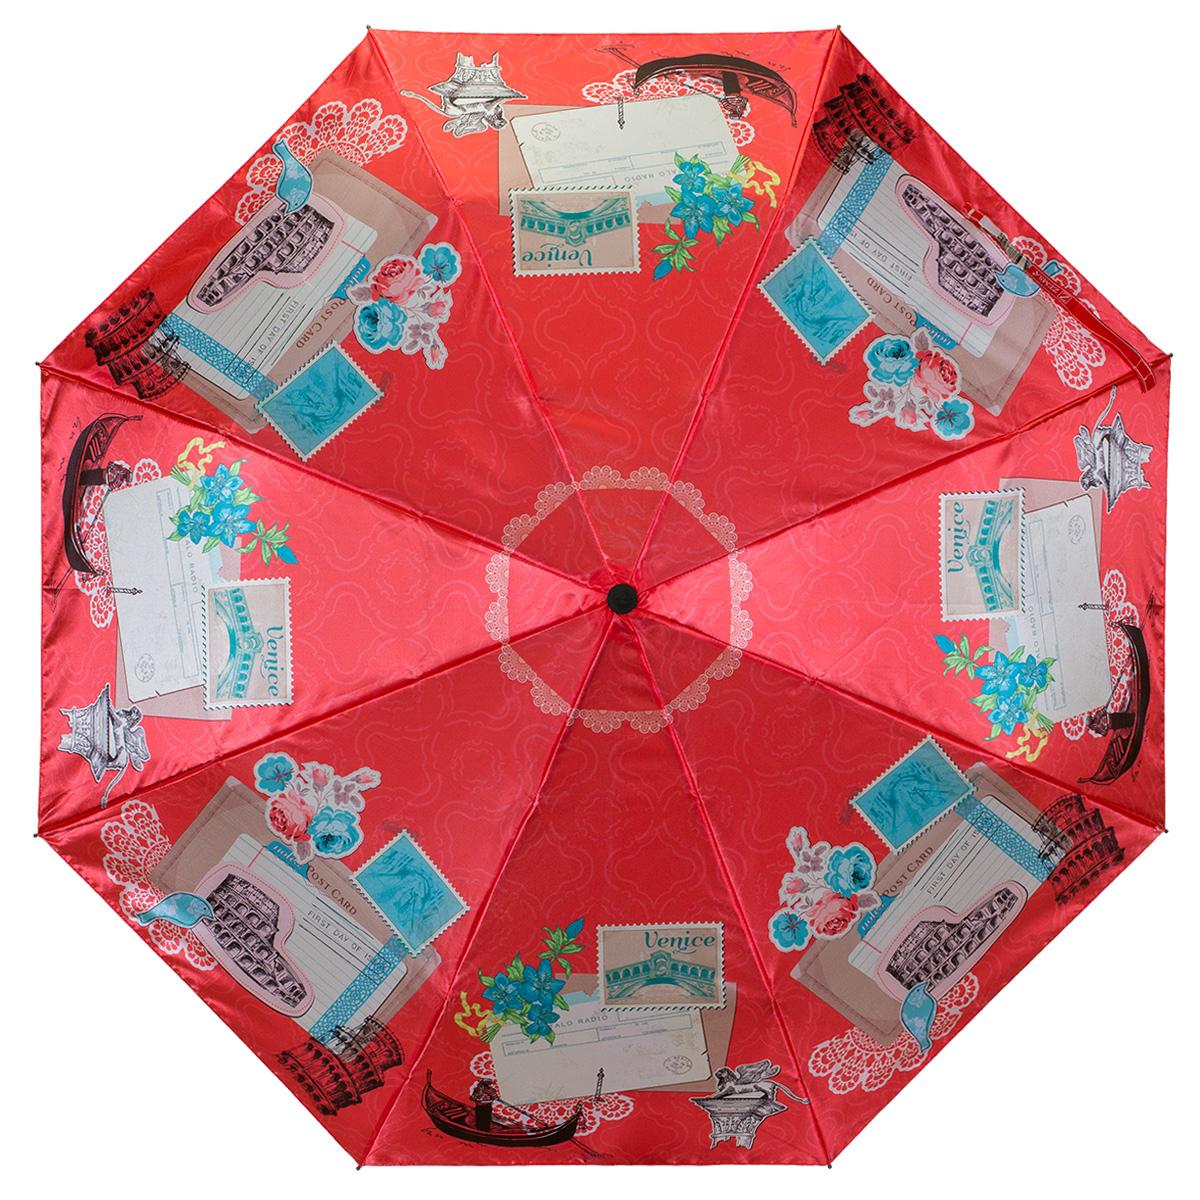 Зонт женский Zemsa Марки, автомат, 3 сложения. 12-007 ZM12-007 ZMСтильный автоматический зонт Zemsa Марки в 3 сложения станет великолепным аксессуаром и защитит свою хозяйку от непогоды, не теряя своих функциональных характеристик и визуальной привлекательности в течение всего срока эксплуатации. Каркас зонта, выполненный из стали, состоит из восьми спиц и оснащен удобной рукояткой. Зонт имеет полный автоматический механизм сложения: купол открывается и закрывается нажатием кнопки на рукоятке, стержень складывается вручную до характерного щелчка, благодаря чему открыть и закрыть зонт можно одной рукой, что чрезвычайно удобно при входе в транспорт или помещение. Купол зонта выполнен из сатина и оформлен изображением марок и надписями Venice. На рукоятке для удобства есть небольшой шнурок, позволяющий надеть зонт на руку тогда, когда это будет необходимо. К зонту прилагается чехол.